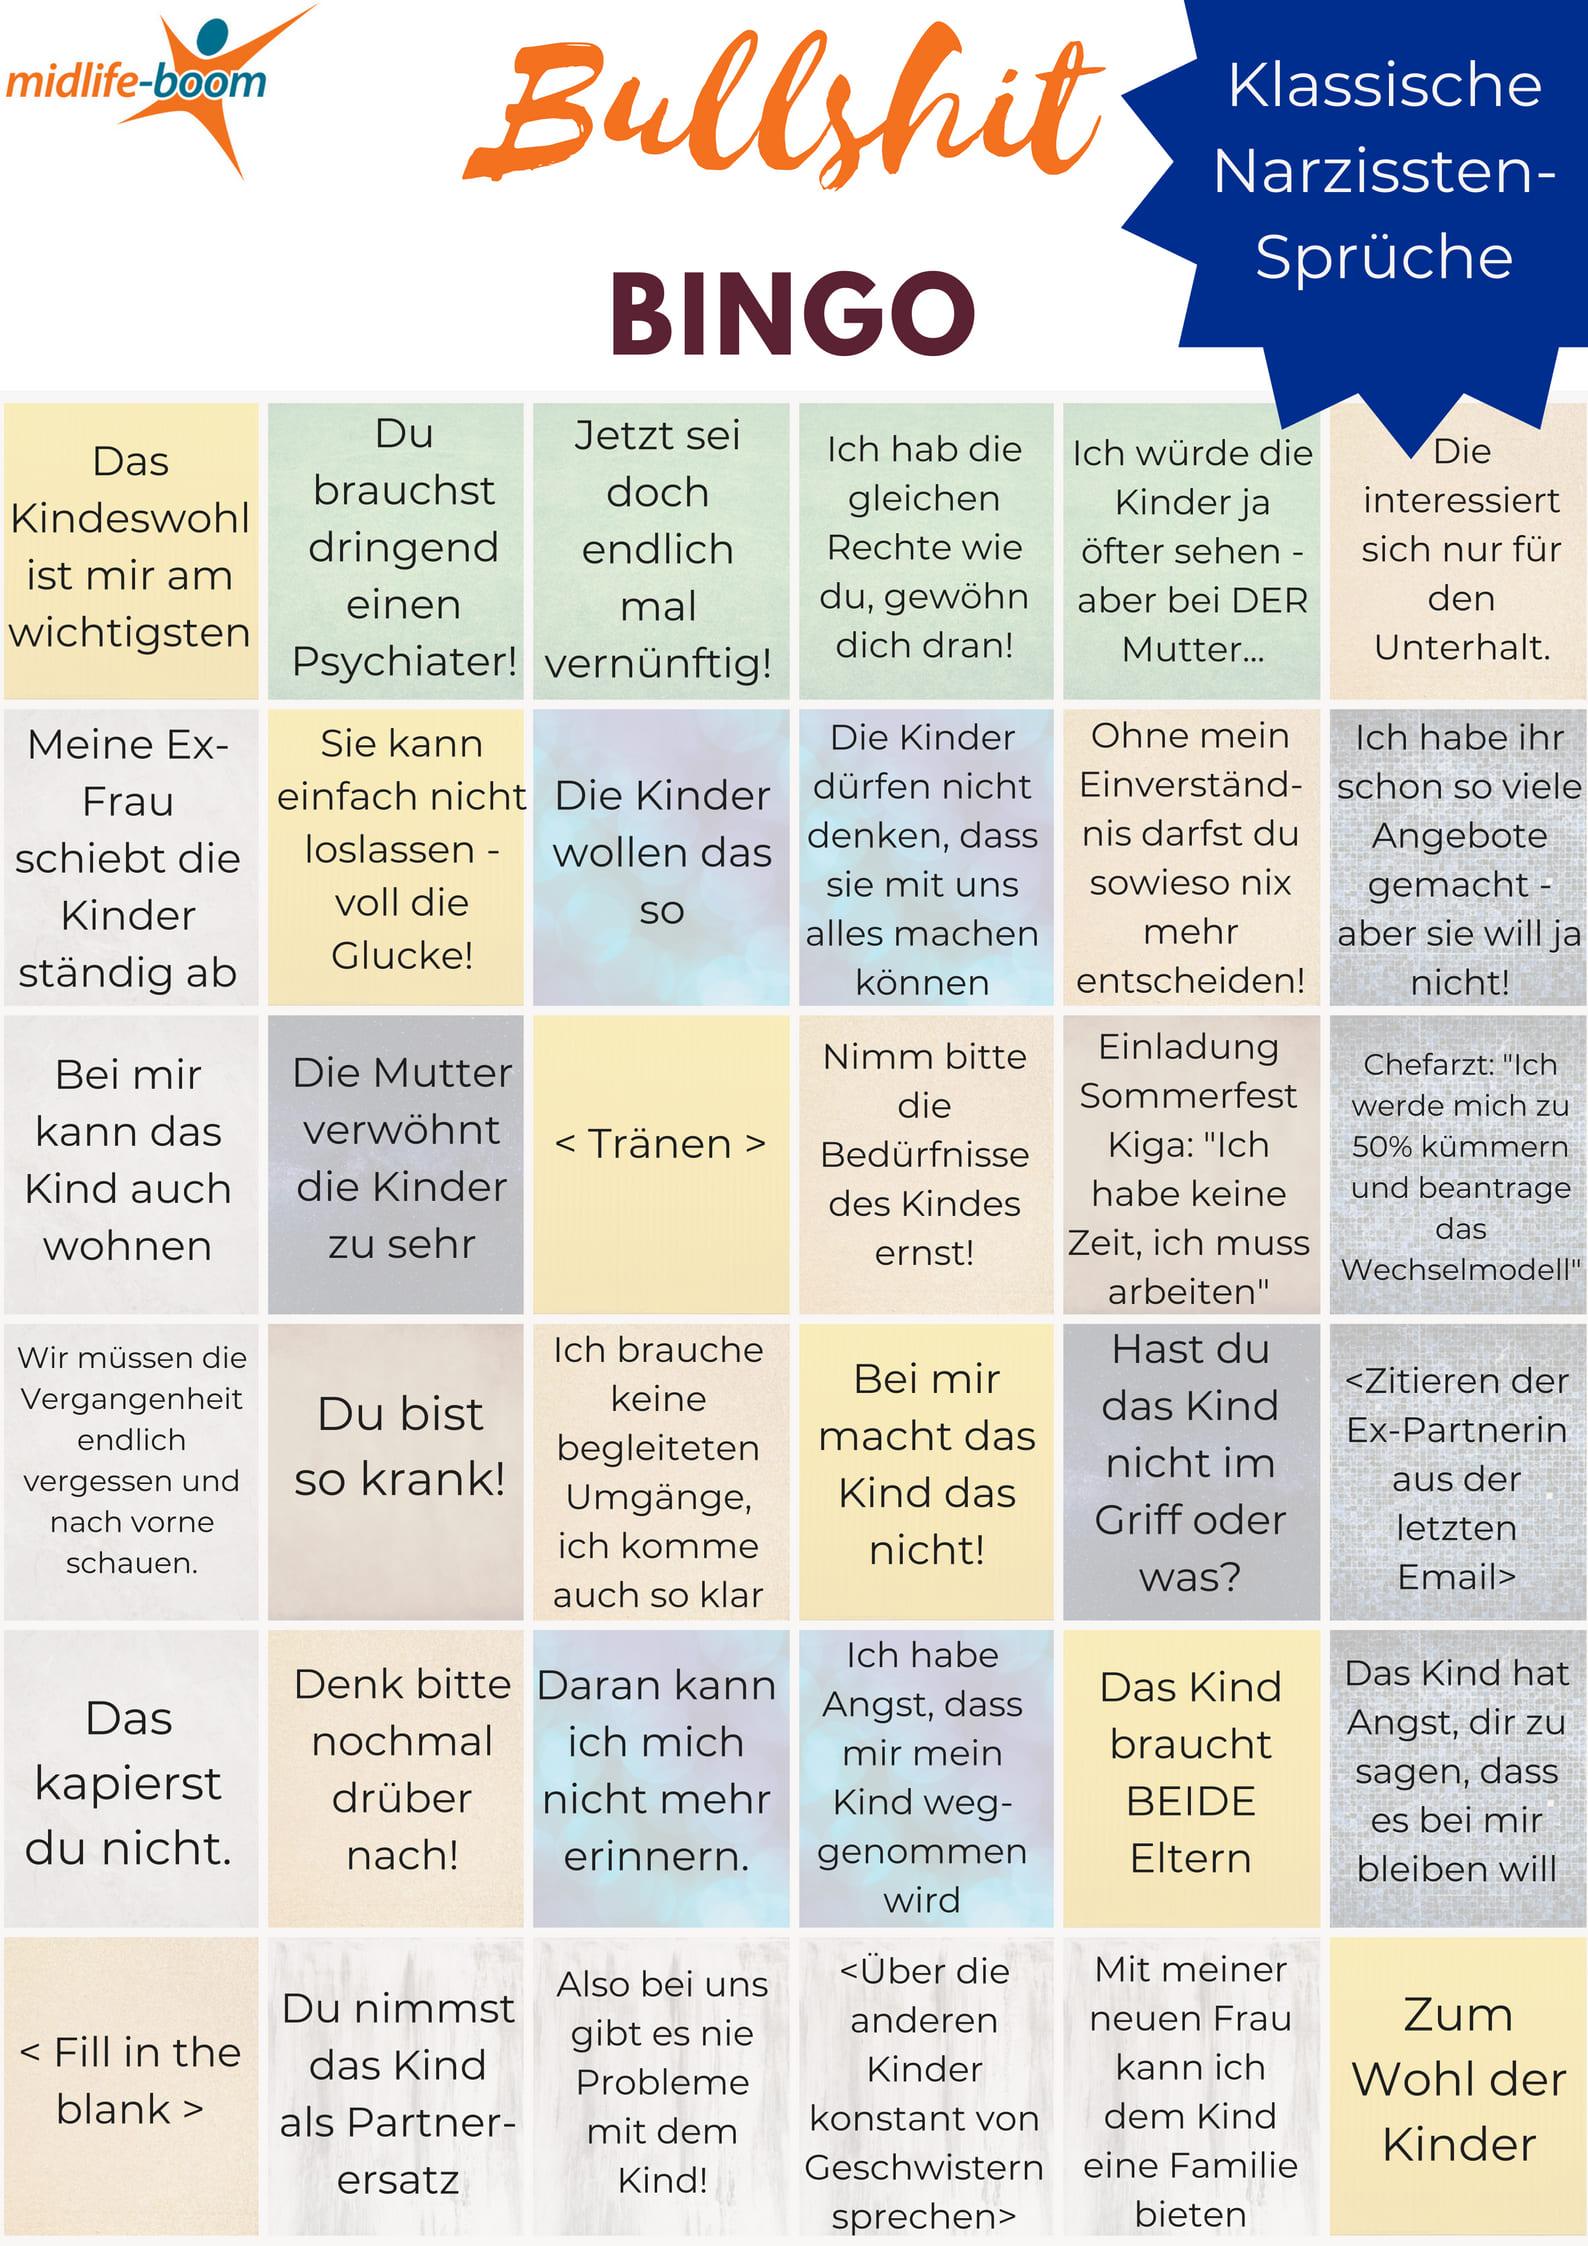 Bullshit-Bingo für Mütter mit toxischen und narzisstischen Ex-Partnern